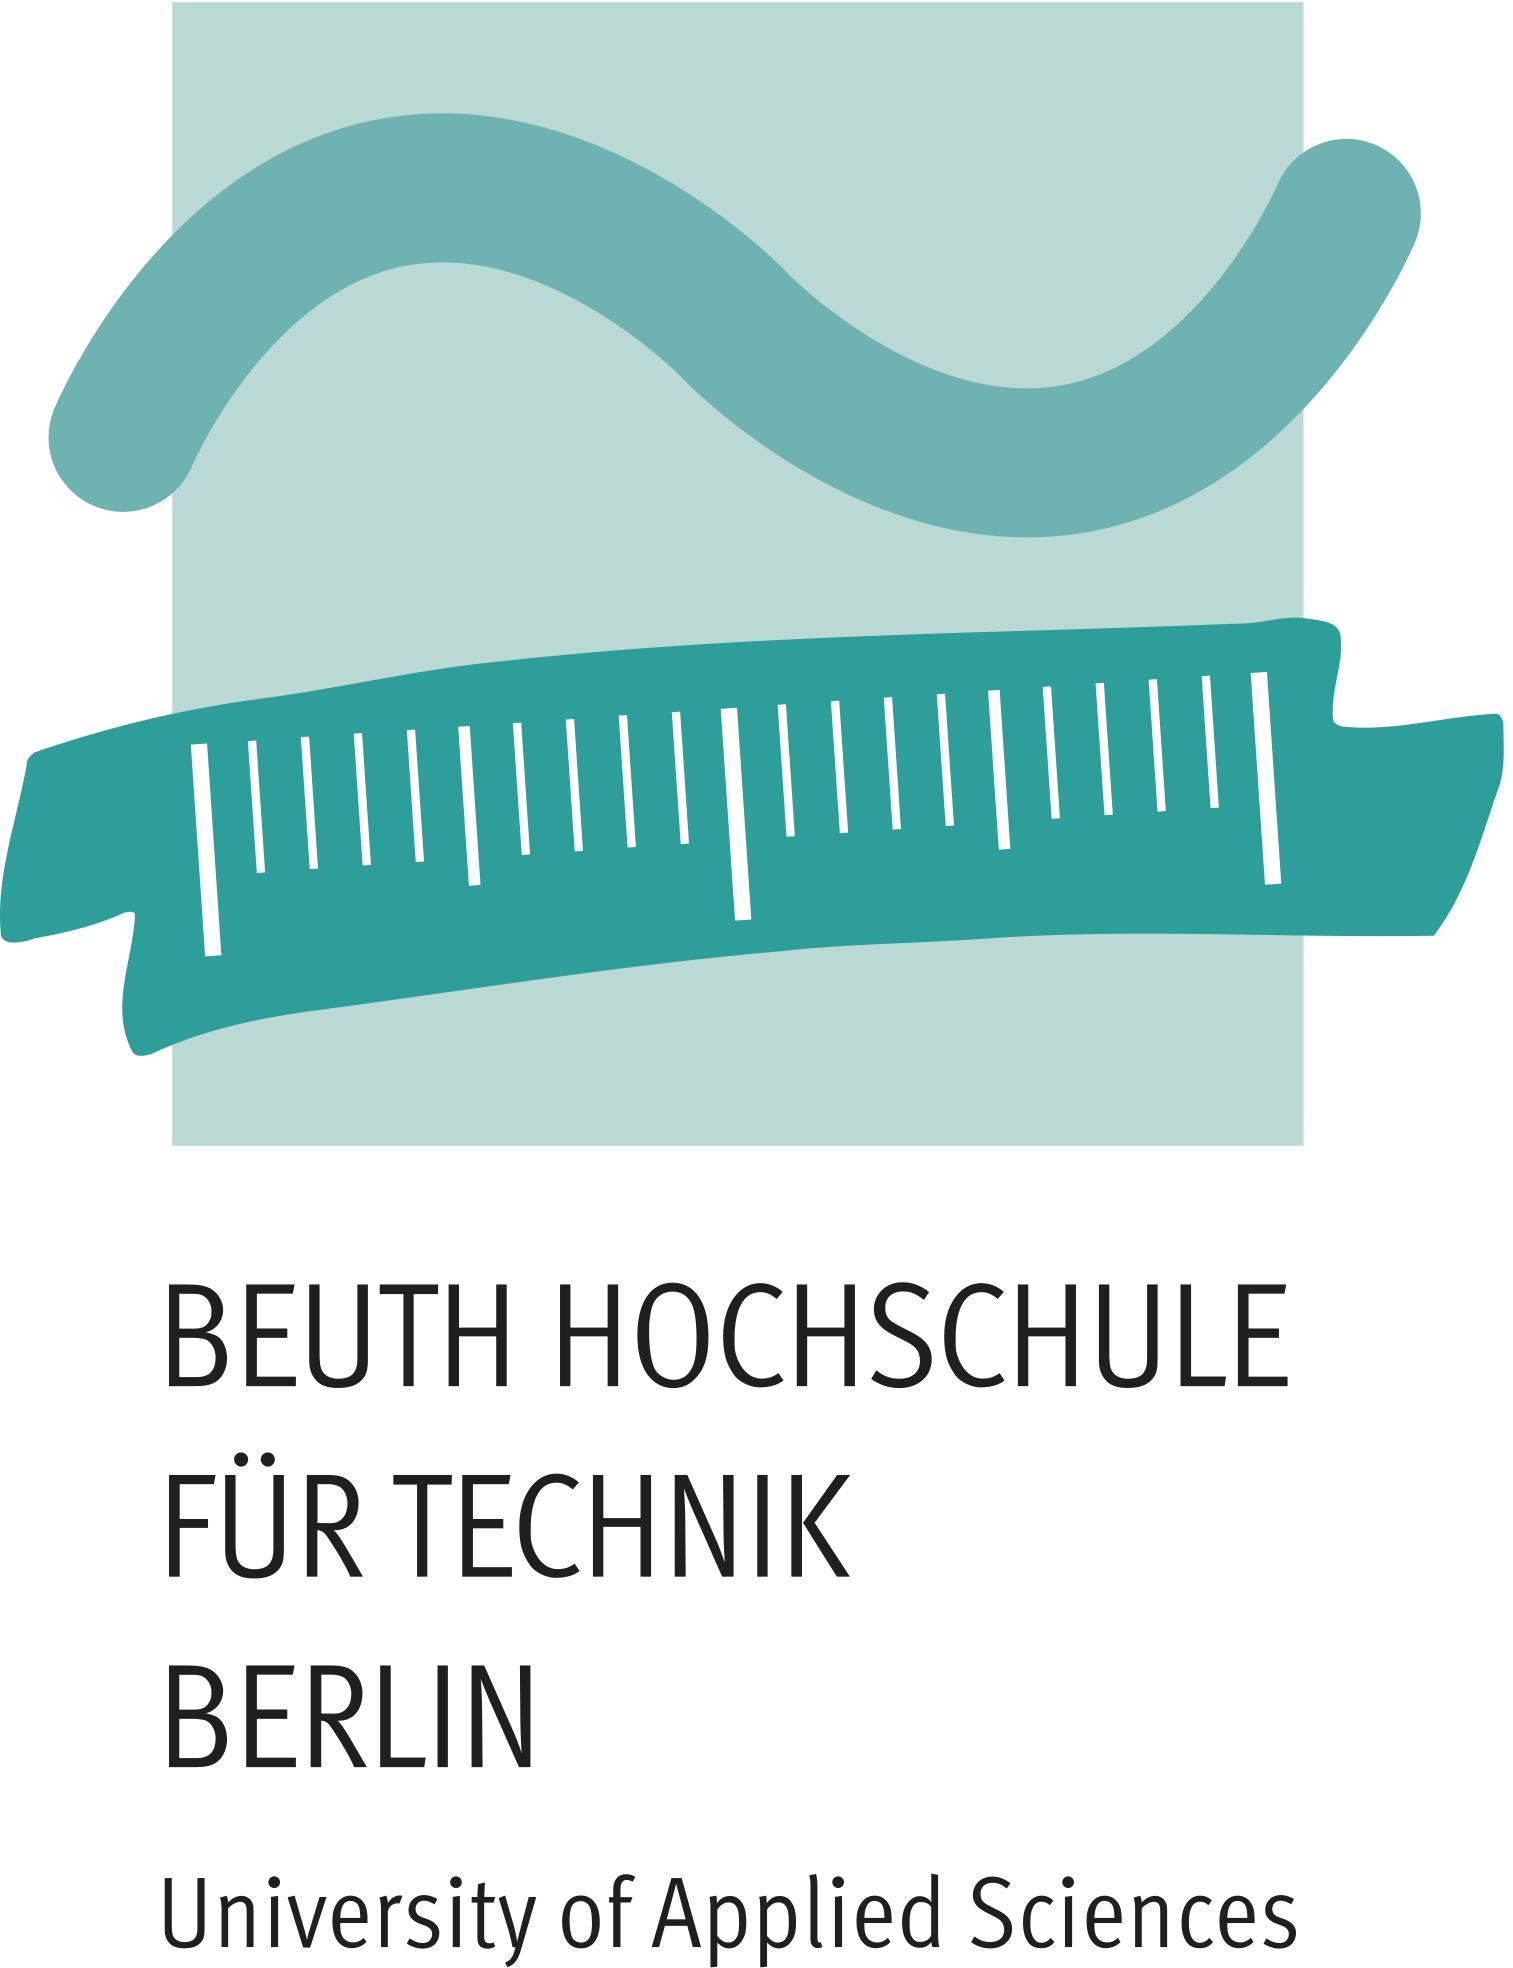 Für Die Beuth Hochschule Für Technik Berlin University Of Applied Sciences Begleitete Nina Neef Eine Jubiläumsveranstalltung Mit Ihrem Schnellzeichnen.